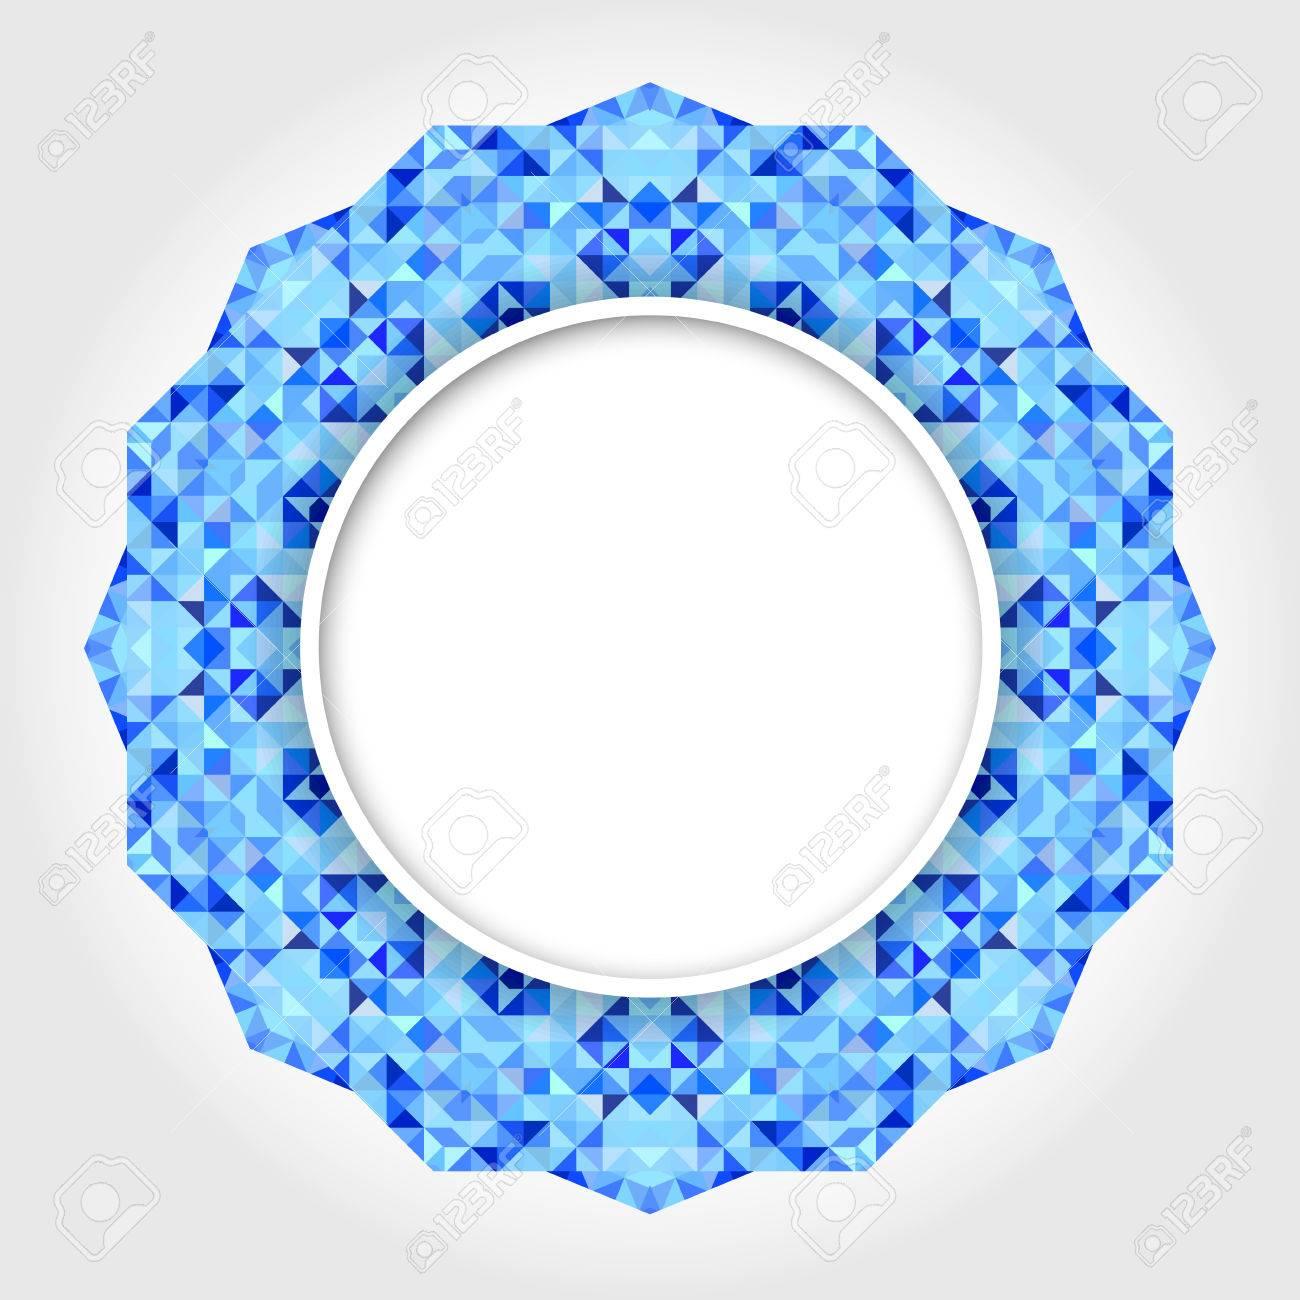 Abstrakte Weiße Runde Rahmen Mit Blue Digital Border Lizenzfrei ...